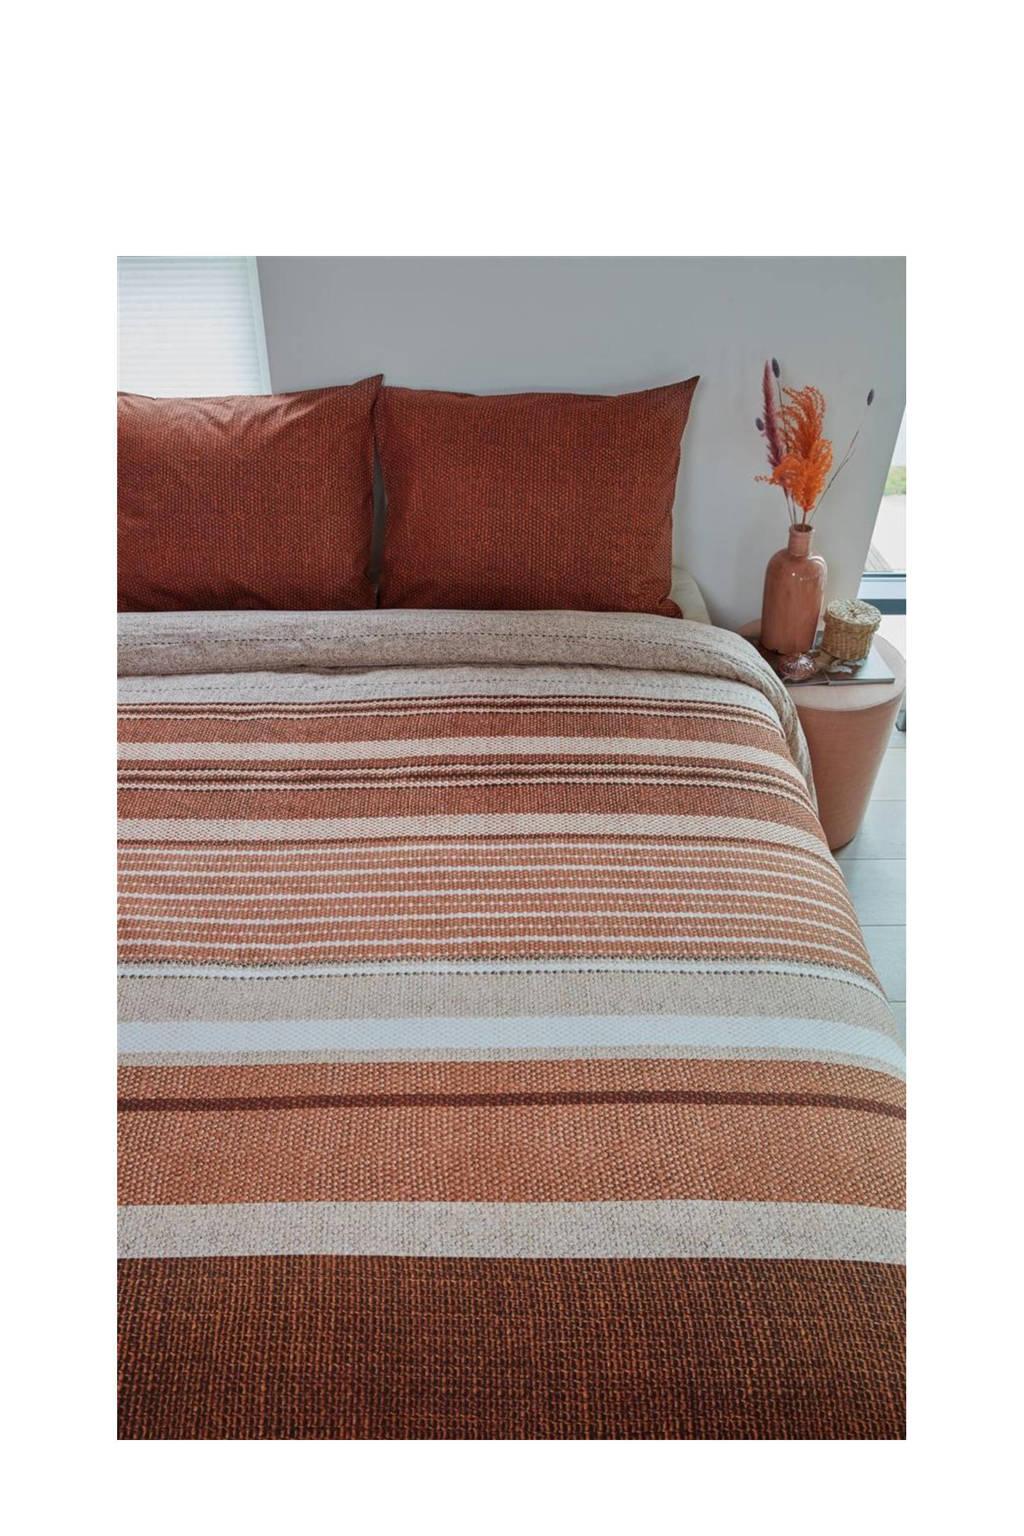 Beddinghouse katoenen dekbedovertrek lits-jumeaux, Lits-jumeaux (240 cm breed), Rood